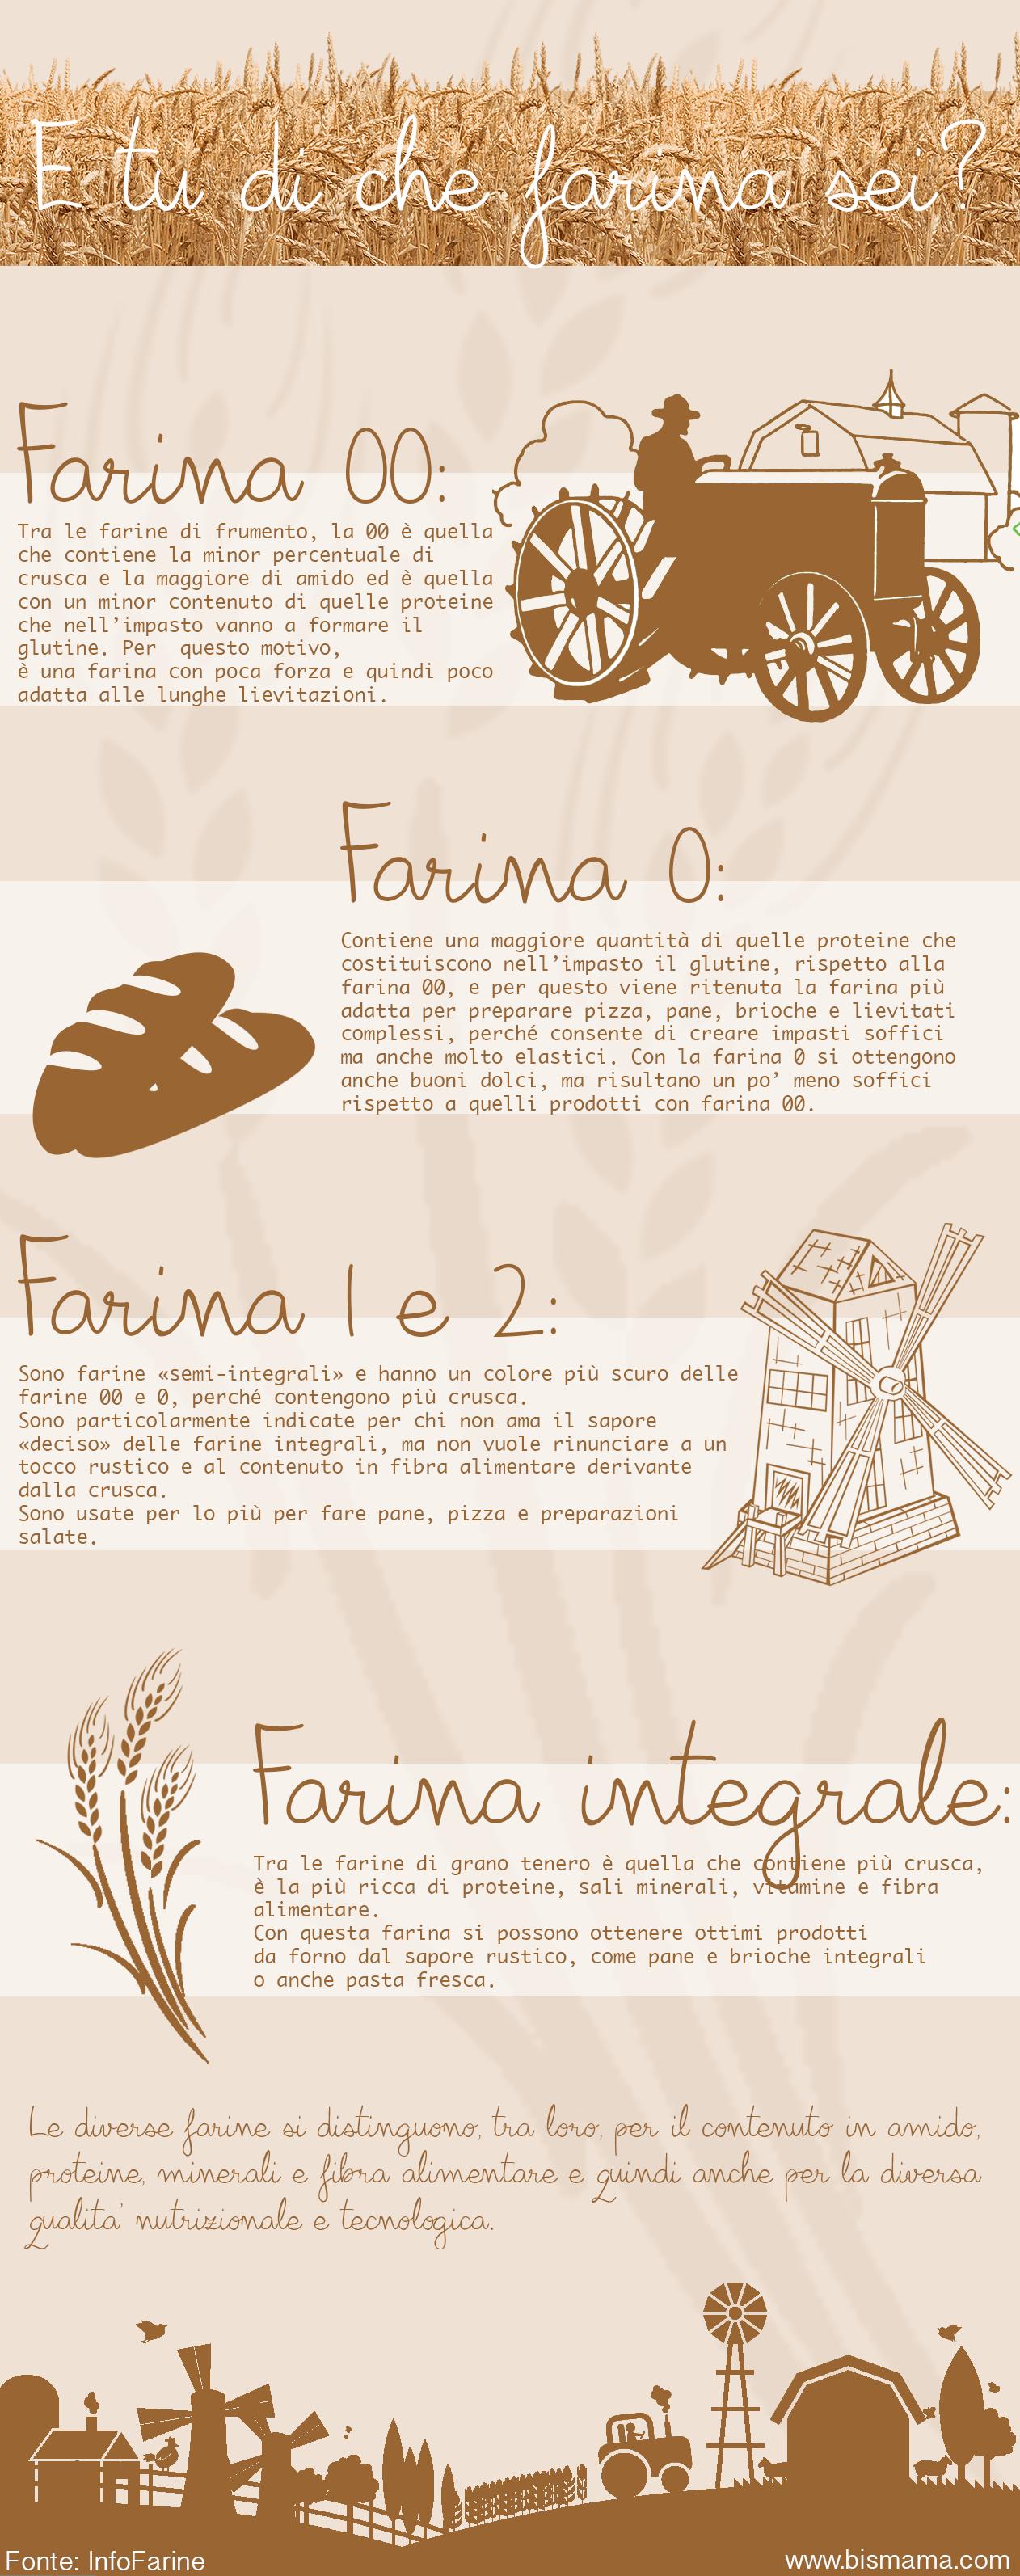 Come scegliere la farina giusta